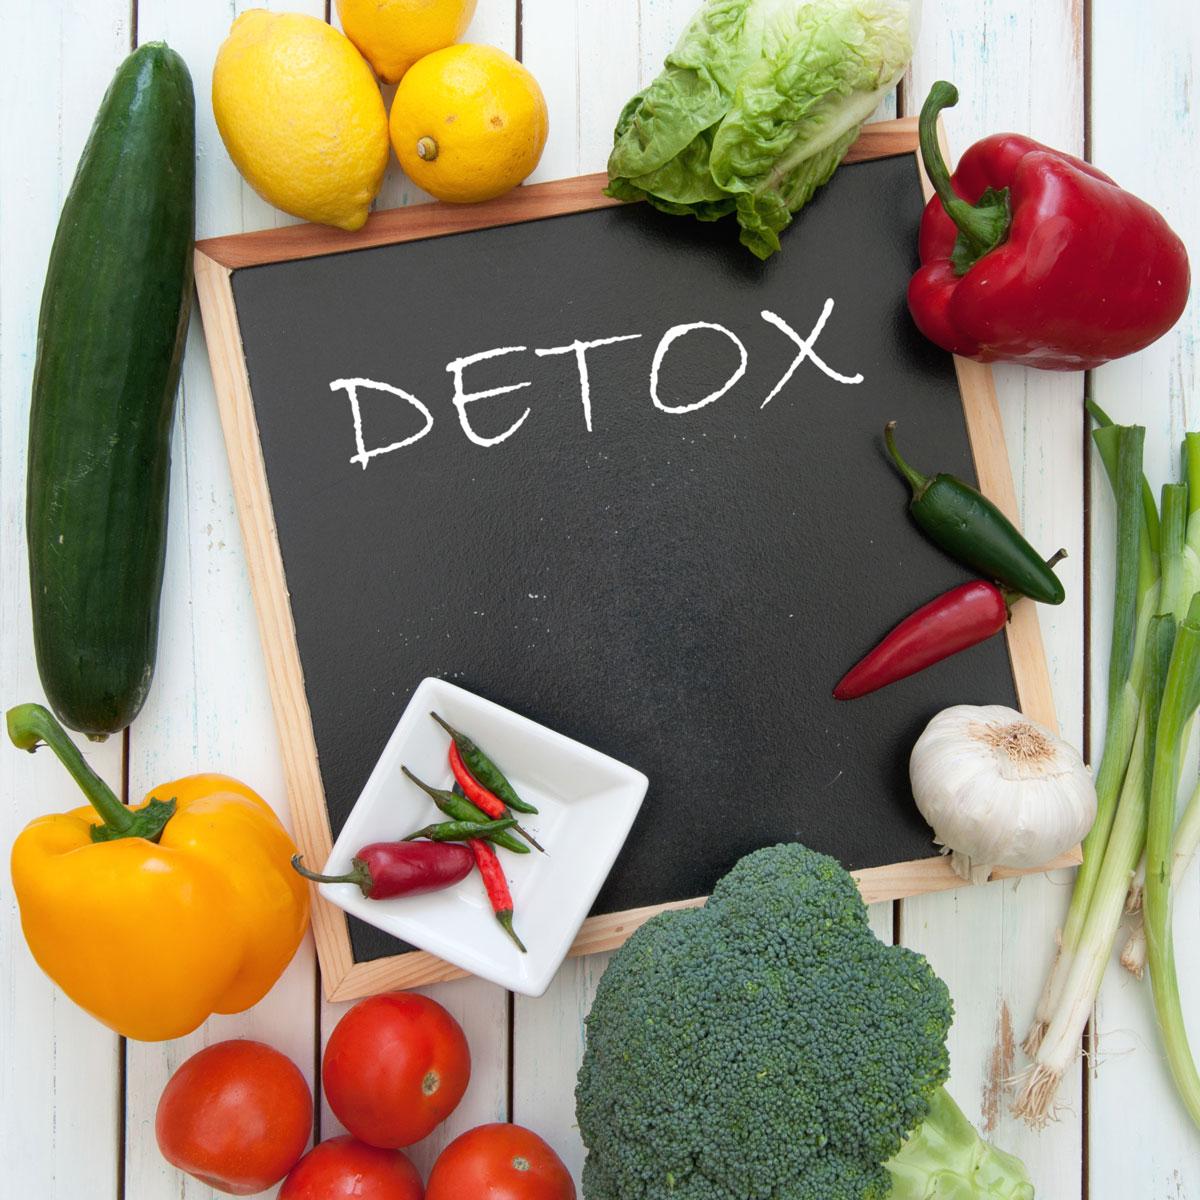 Dieta Detox, ¿cómo y para qué?